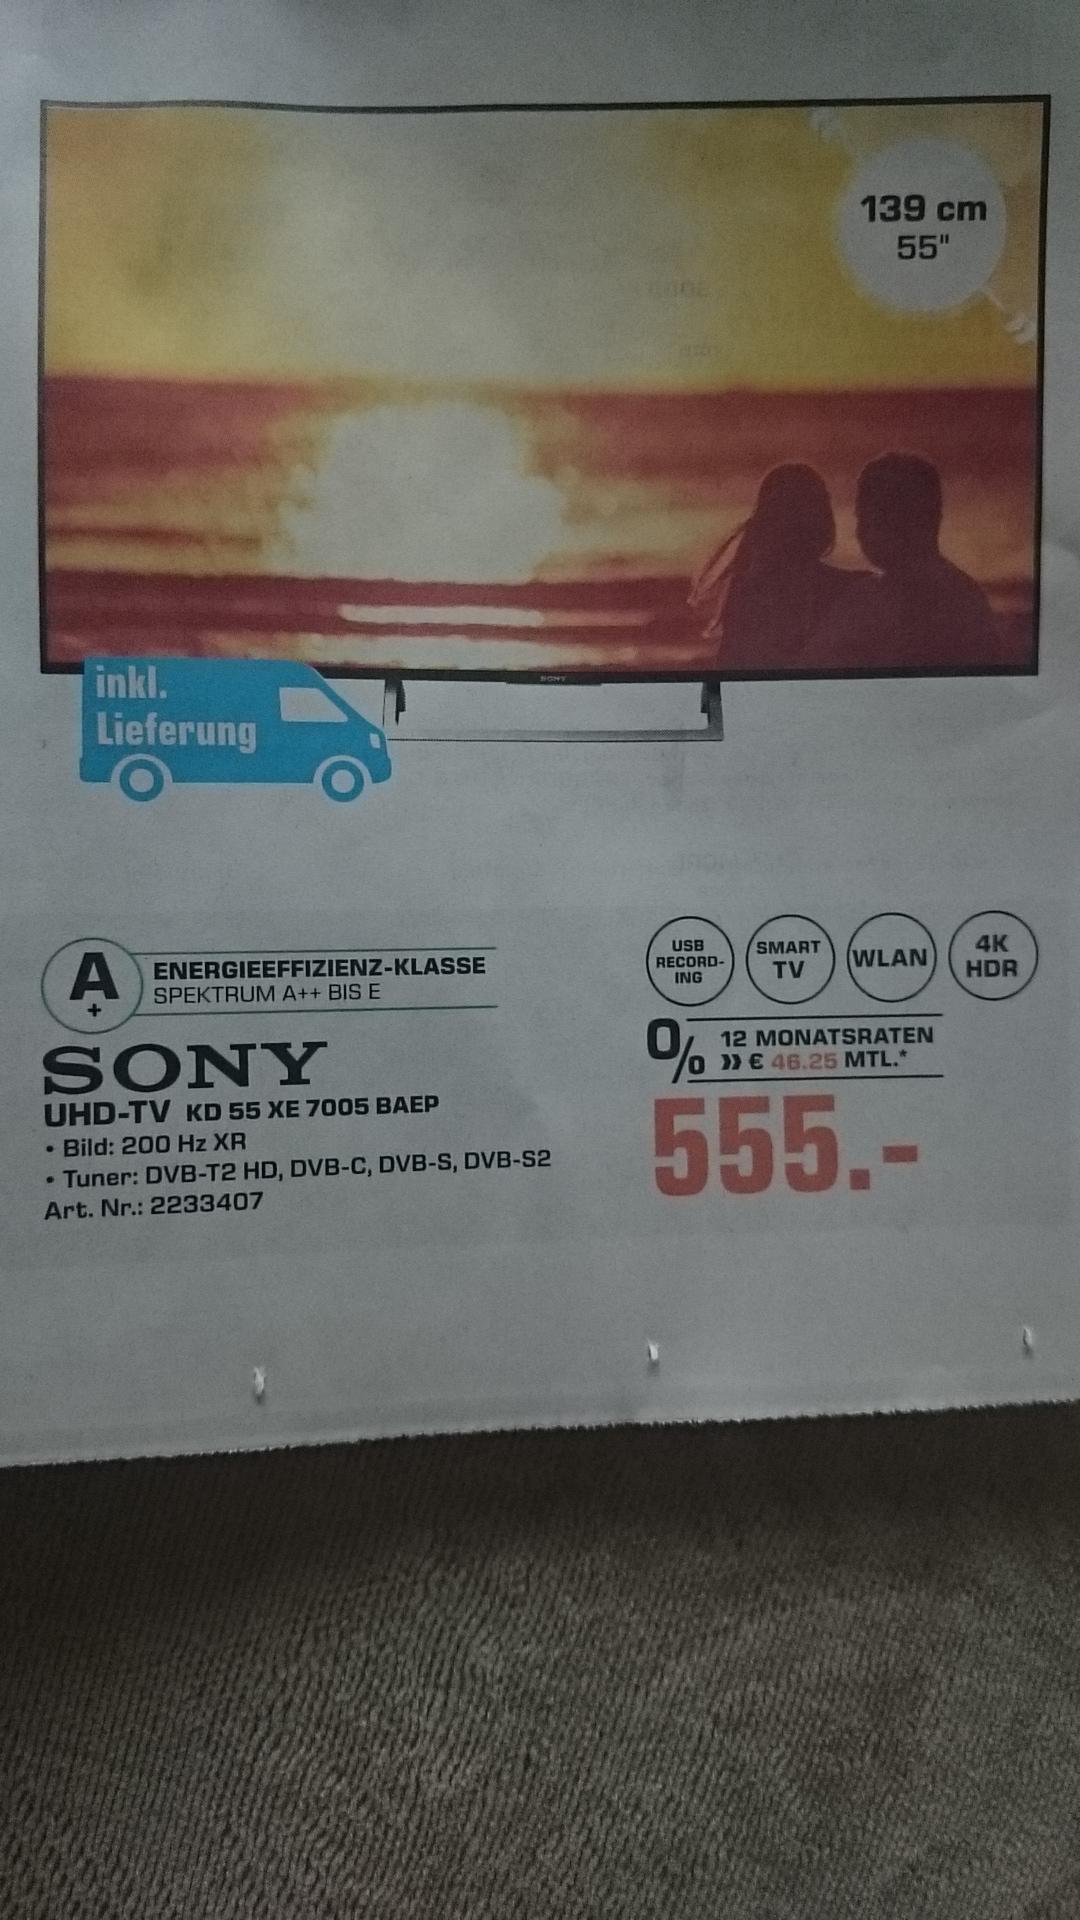 [Lokal] Sony KD 55XE7005 TV, Saturn Bielefeld ab 11.05.,kostenlose  regionale Lieferung